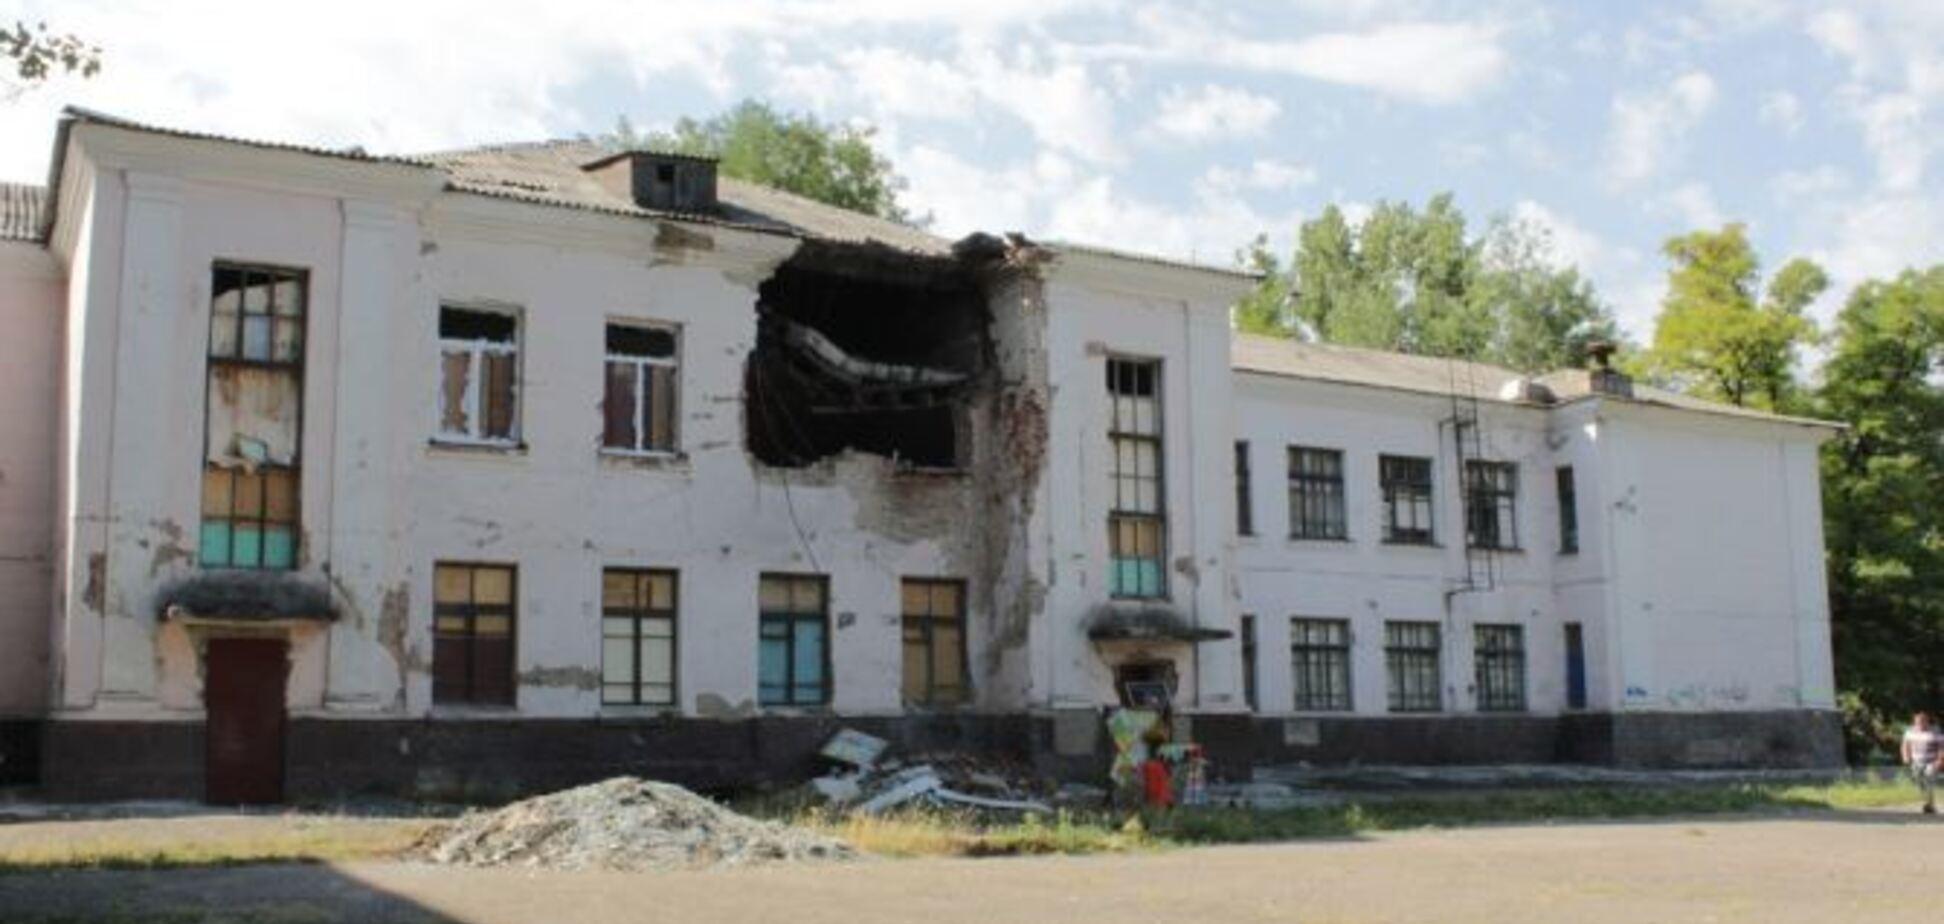 Визитная карточка нынешнего Луганска